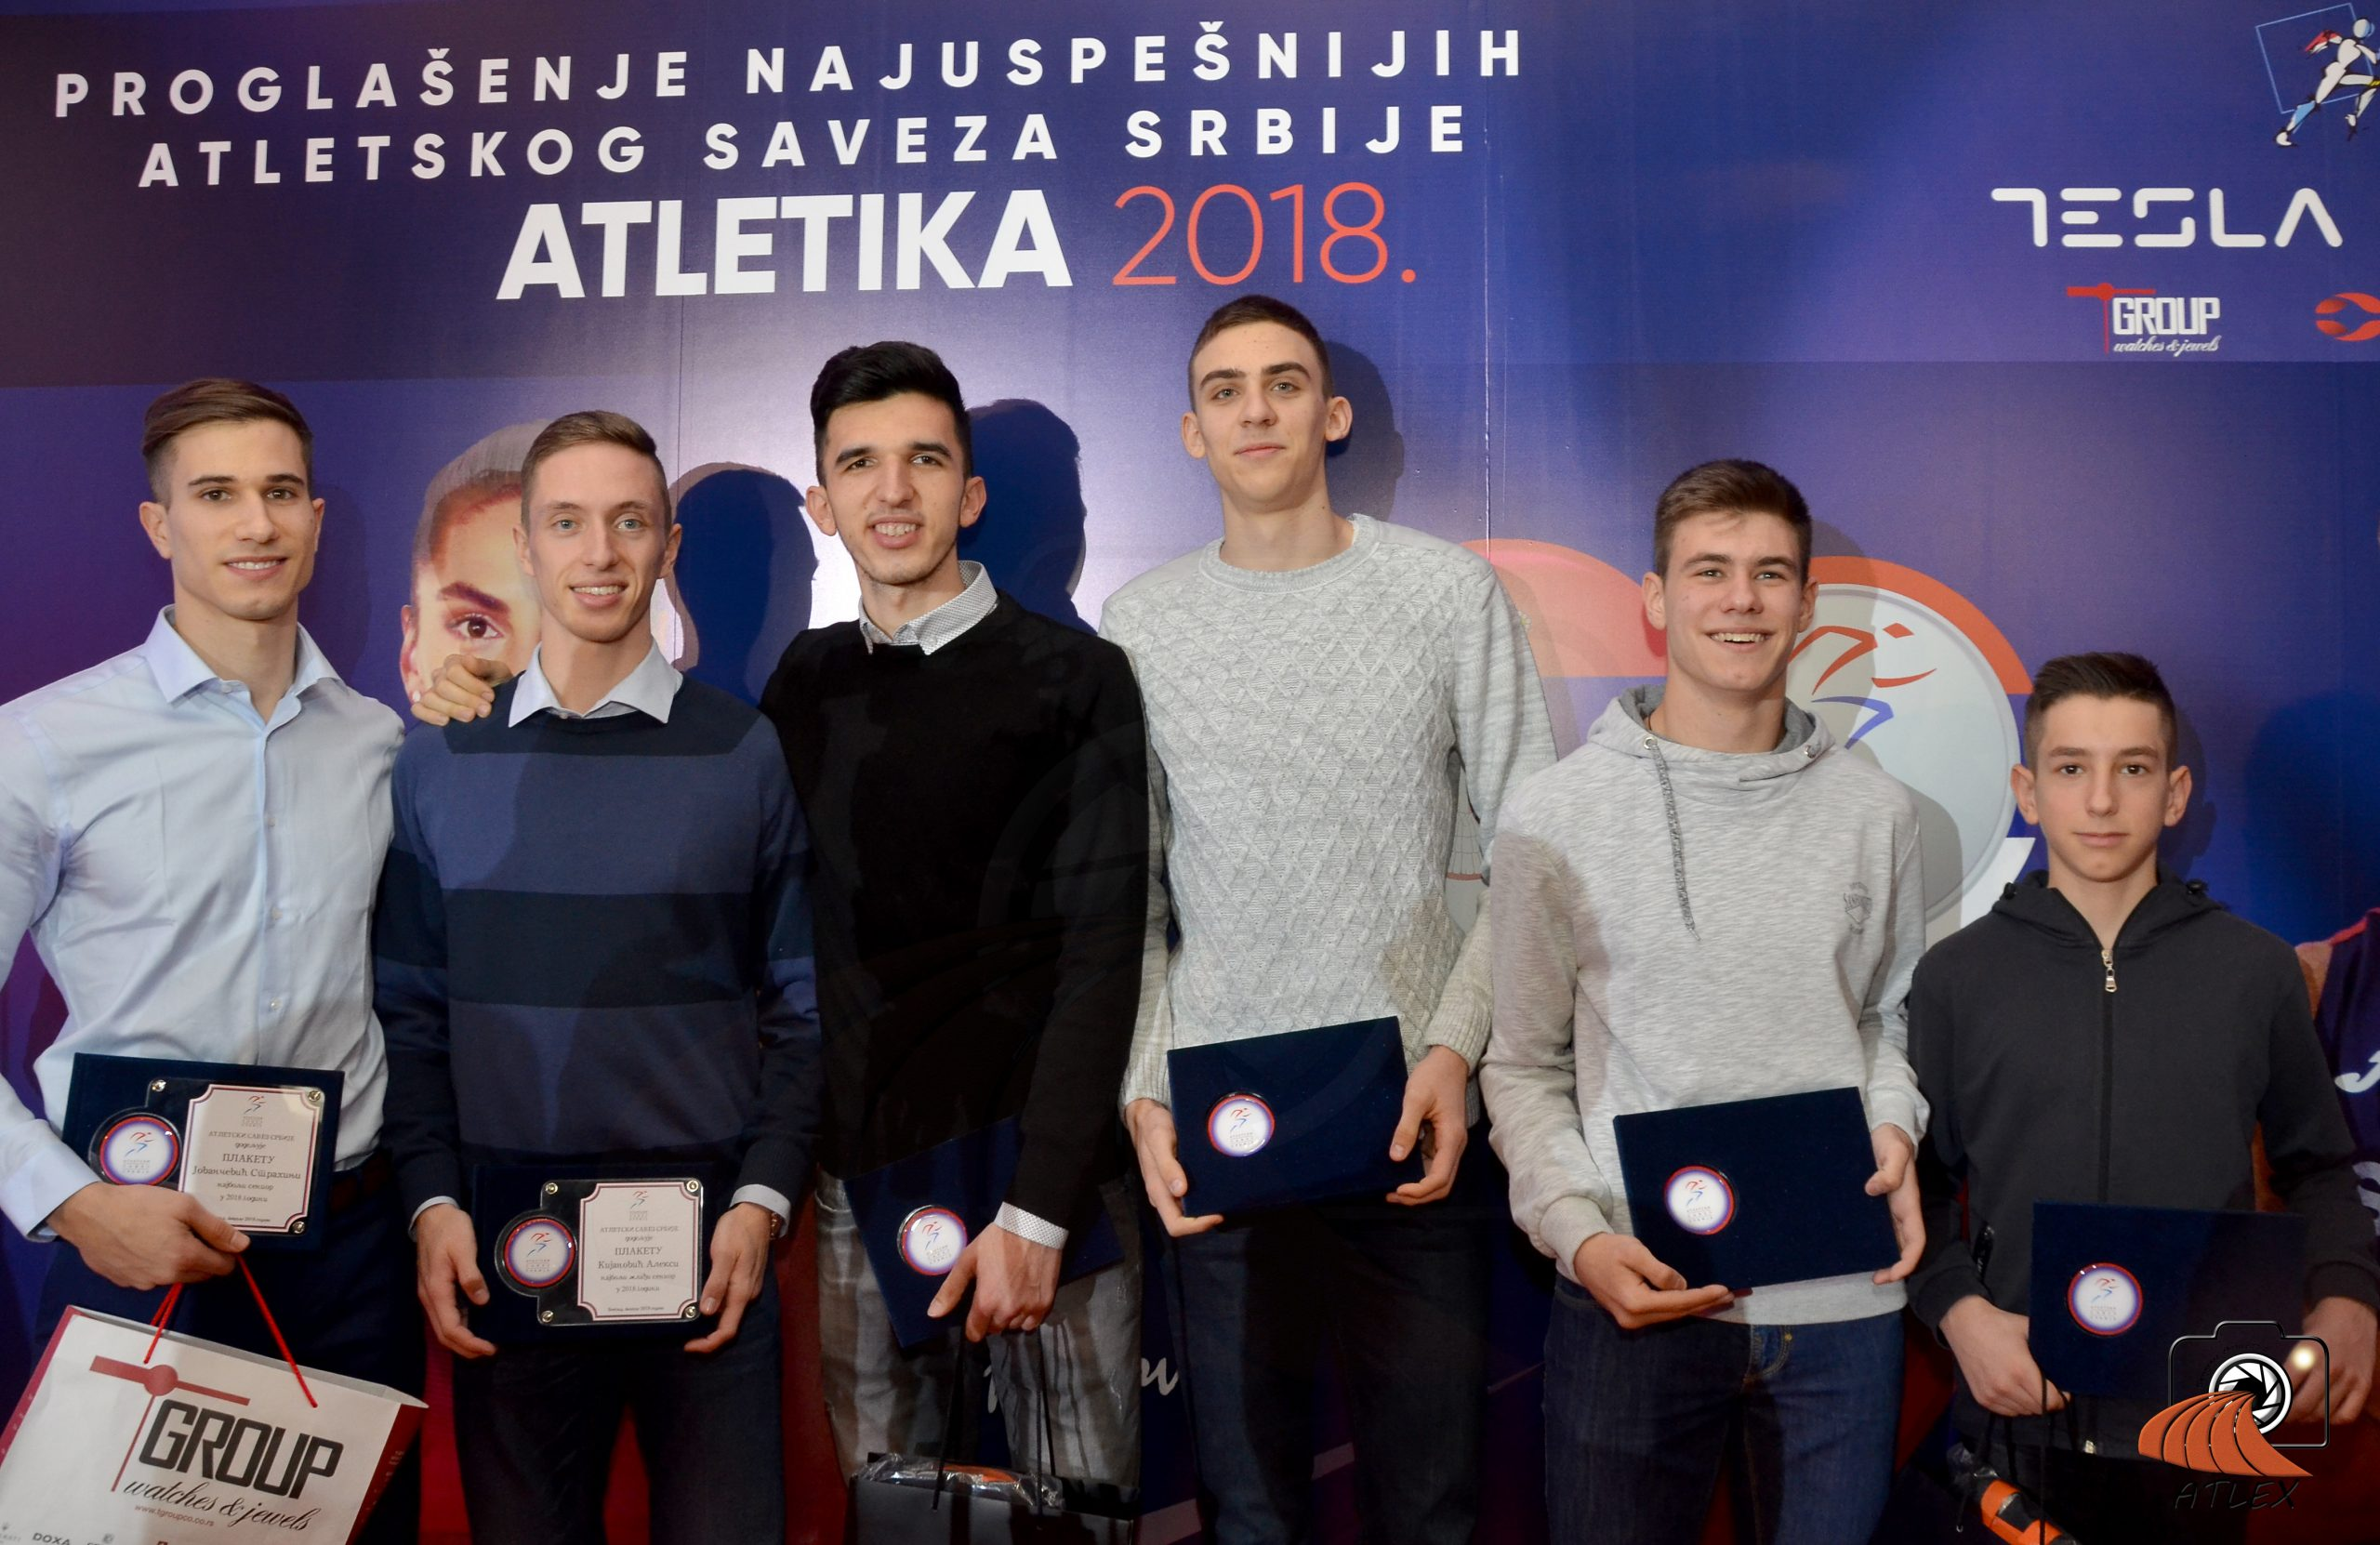 Najbolji atletičari Srbije u 2018. godini